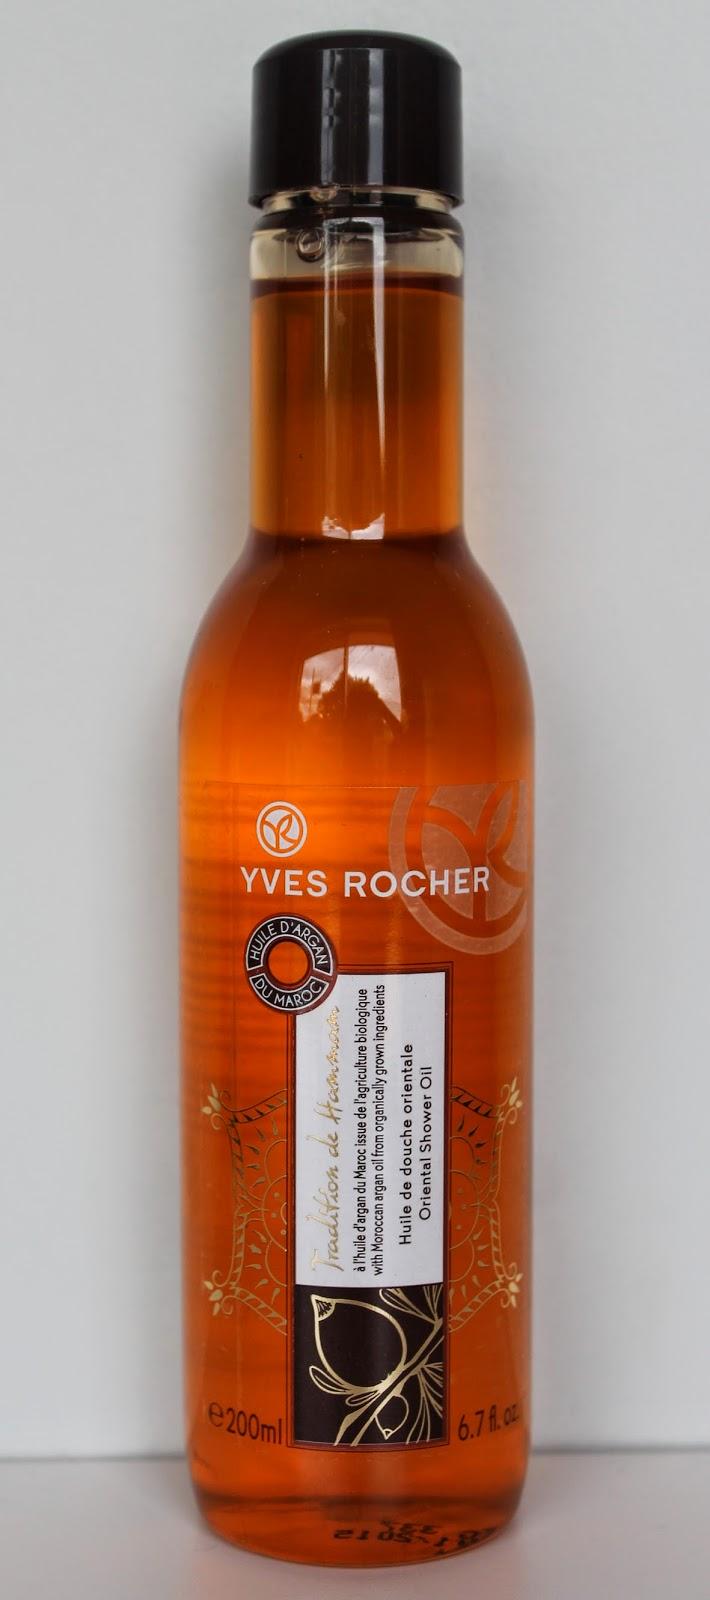 Huile de douche Yves Rocher